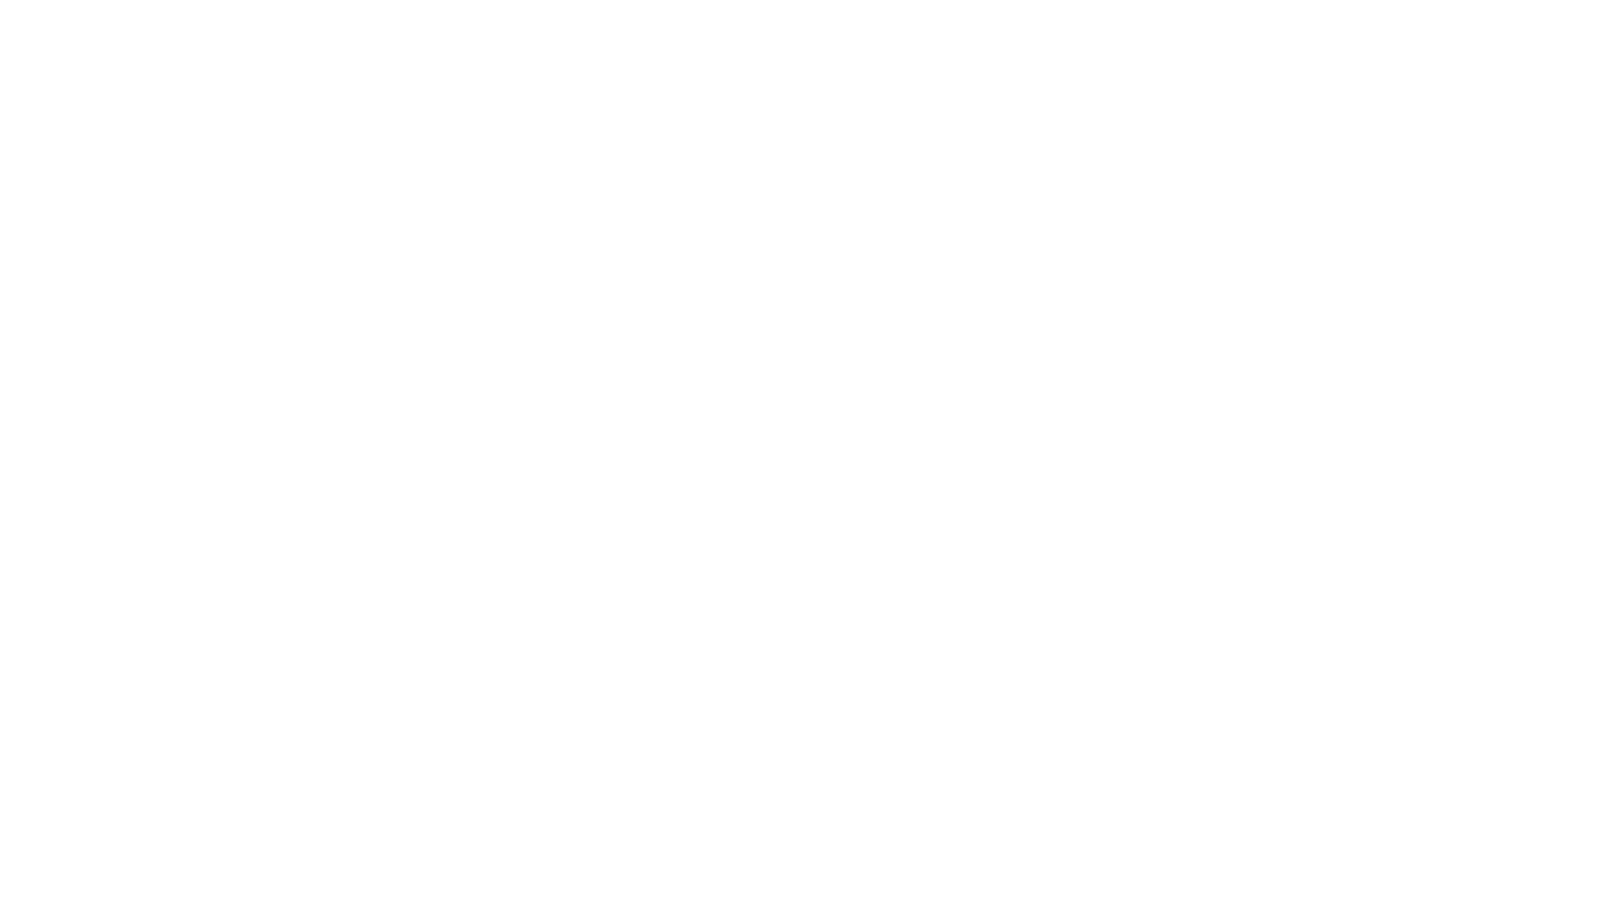 Det har været en travl uge for Frederik, som har skrevet ansøgning til innofounder, haft samtale med Camilla fra Cahoma Creations samt skabt content for Nord Retreat, hvor han også holdte et oplæg.  — Frederik har sit eget kreative medie- og martingsbureau, hvor han arbejder sammen med en masse forskellige virksomheder og hjælper dem til vækst i deres virksomhed gennem digital storytelling, kreativ formidling og betalt annoncering på social media, Google, eller andre medier, som email, Youtube eller print. Derudover involverer han sig også i startups, hvor han kommer med enten kapital, arbejdskraft eller hans viden om vækst, marketing, eller drift af virksomheder.  — Instagram: https://www.instagram.com/frederiksaabye/ Linkedin: https://www.linkedin.com/in/frederik-saabye-m%C3%B8ller-9101a5111/ Facebook: https://www.facebook.com/frederiksaabyedk